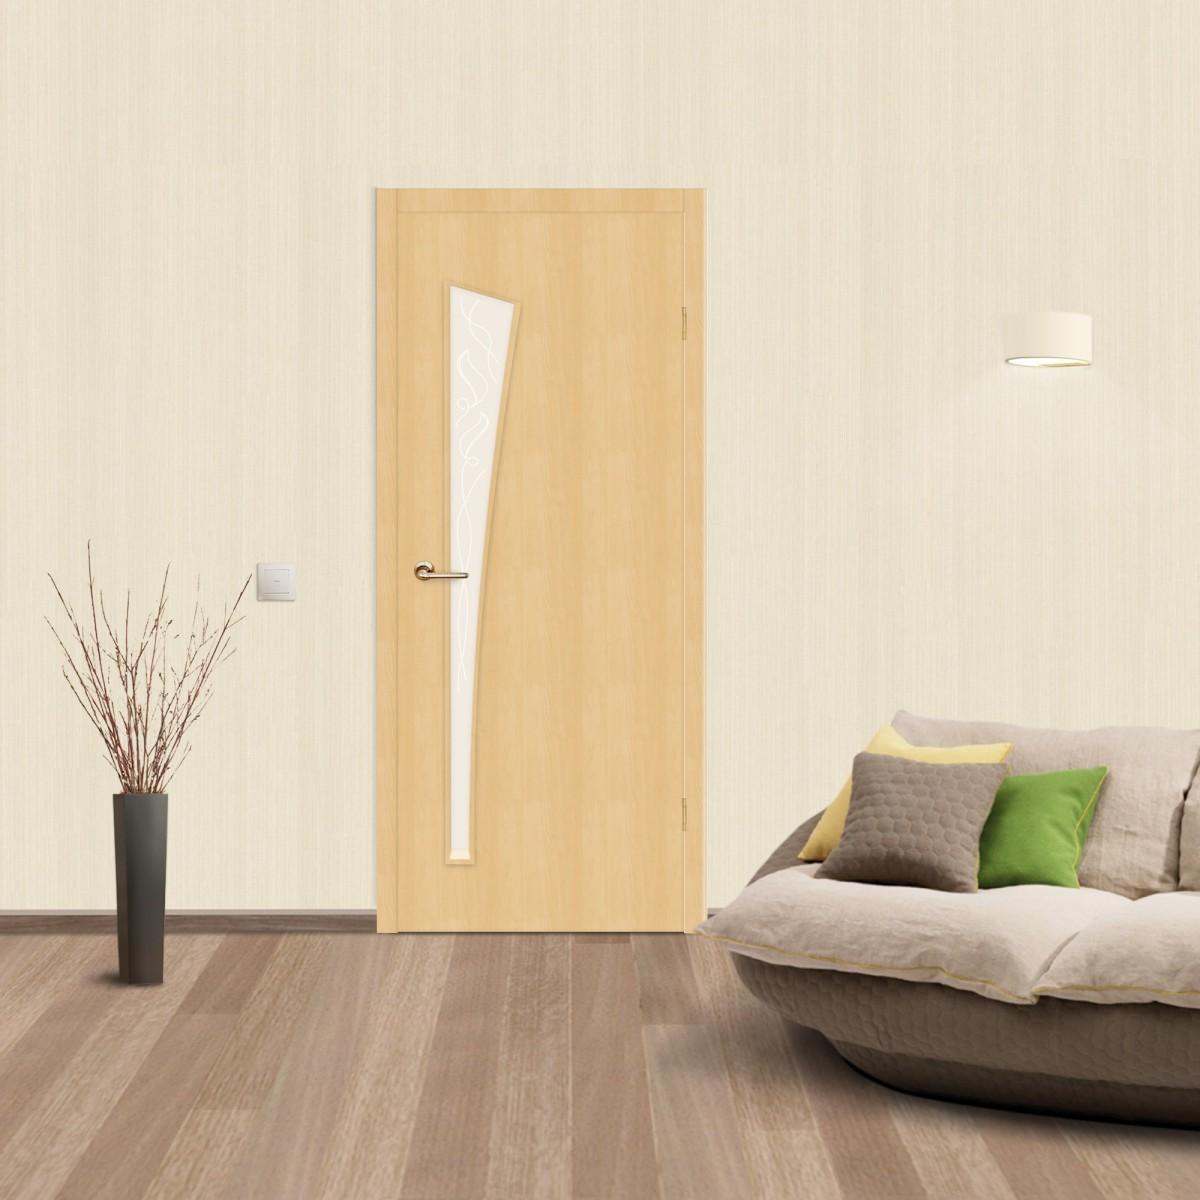 Дверь Межкомнатная Остеклённая Belleza 90x200 Ламинация Цвет Дуб Белый